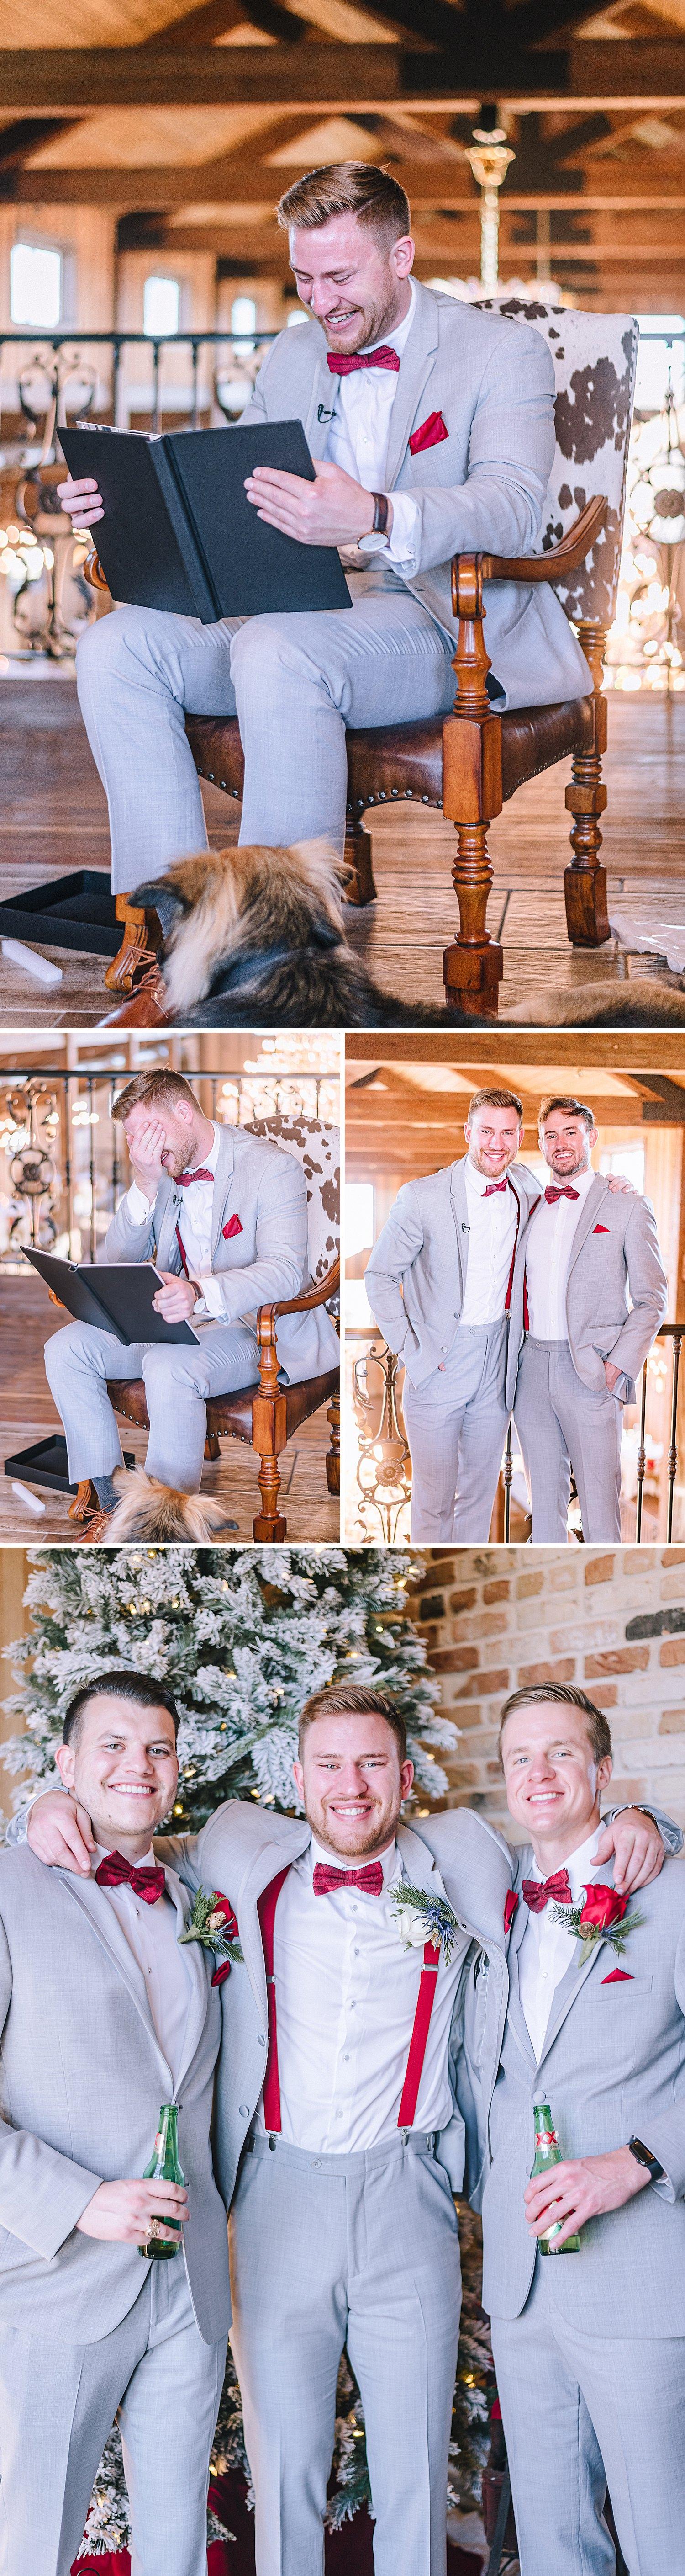 College-Station-Aggie-Wedding-The-Weinberg-at-Wixon-Valley-Christmas-Hallmark-Wedding_0023.jpg